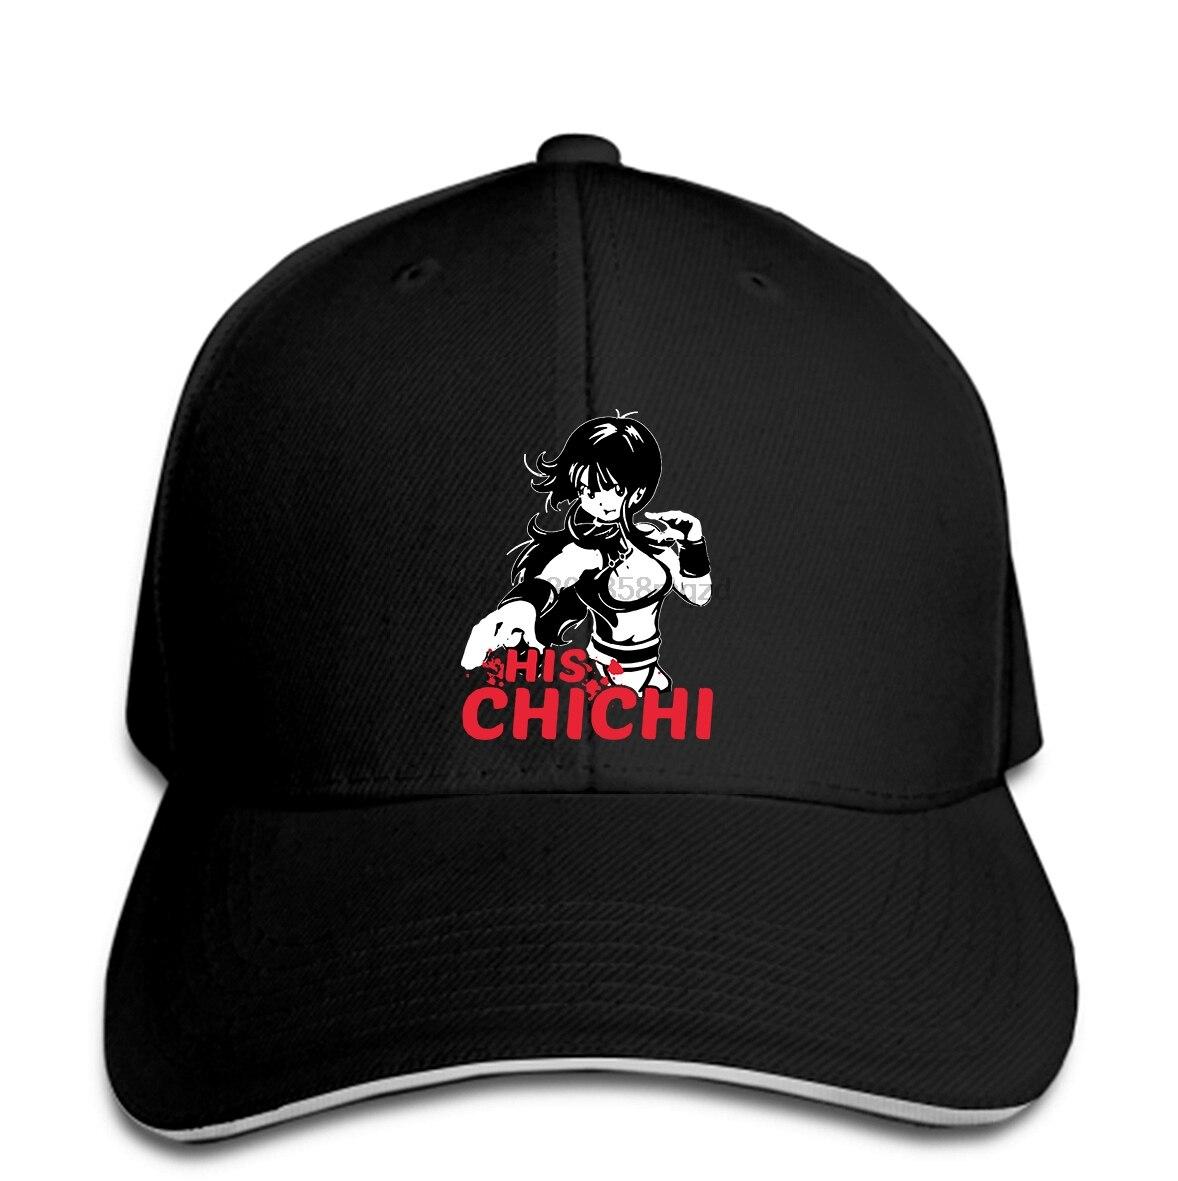 Su Chichi su GOKU entrenamiento s pareja de gimnasio a juego divertido lindo hombres gorra de béisbol gorra Snapback mujeres sombrero pico